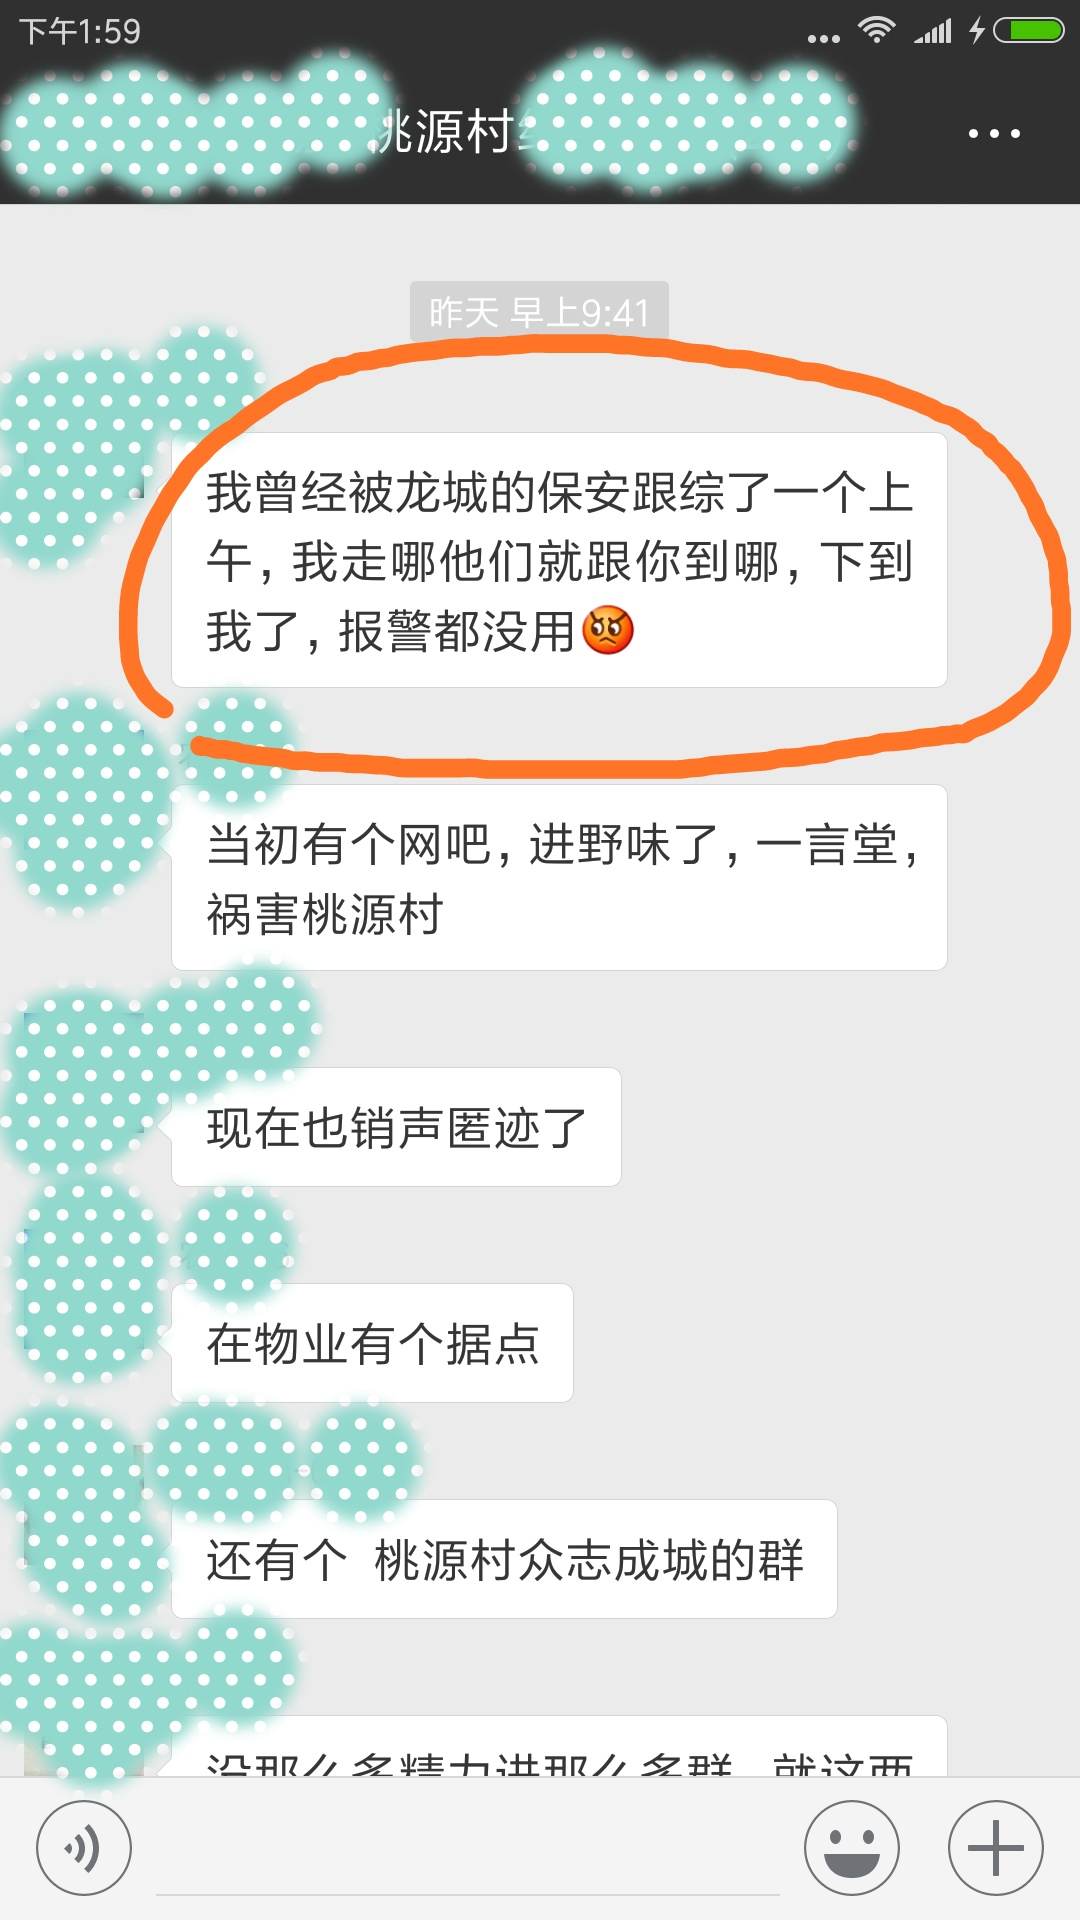 Screenshot_2018-09-05-13-59-37-390_com.tencent.mm.png